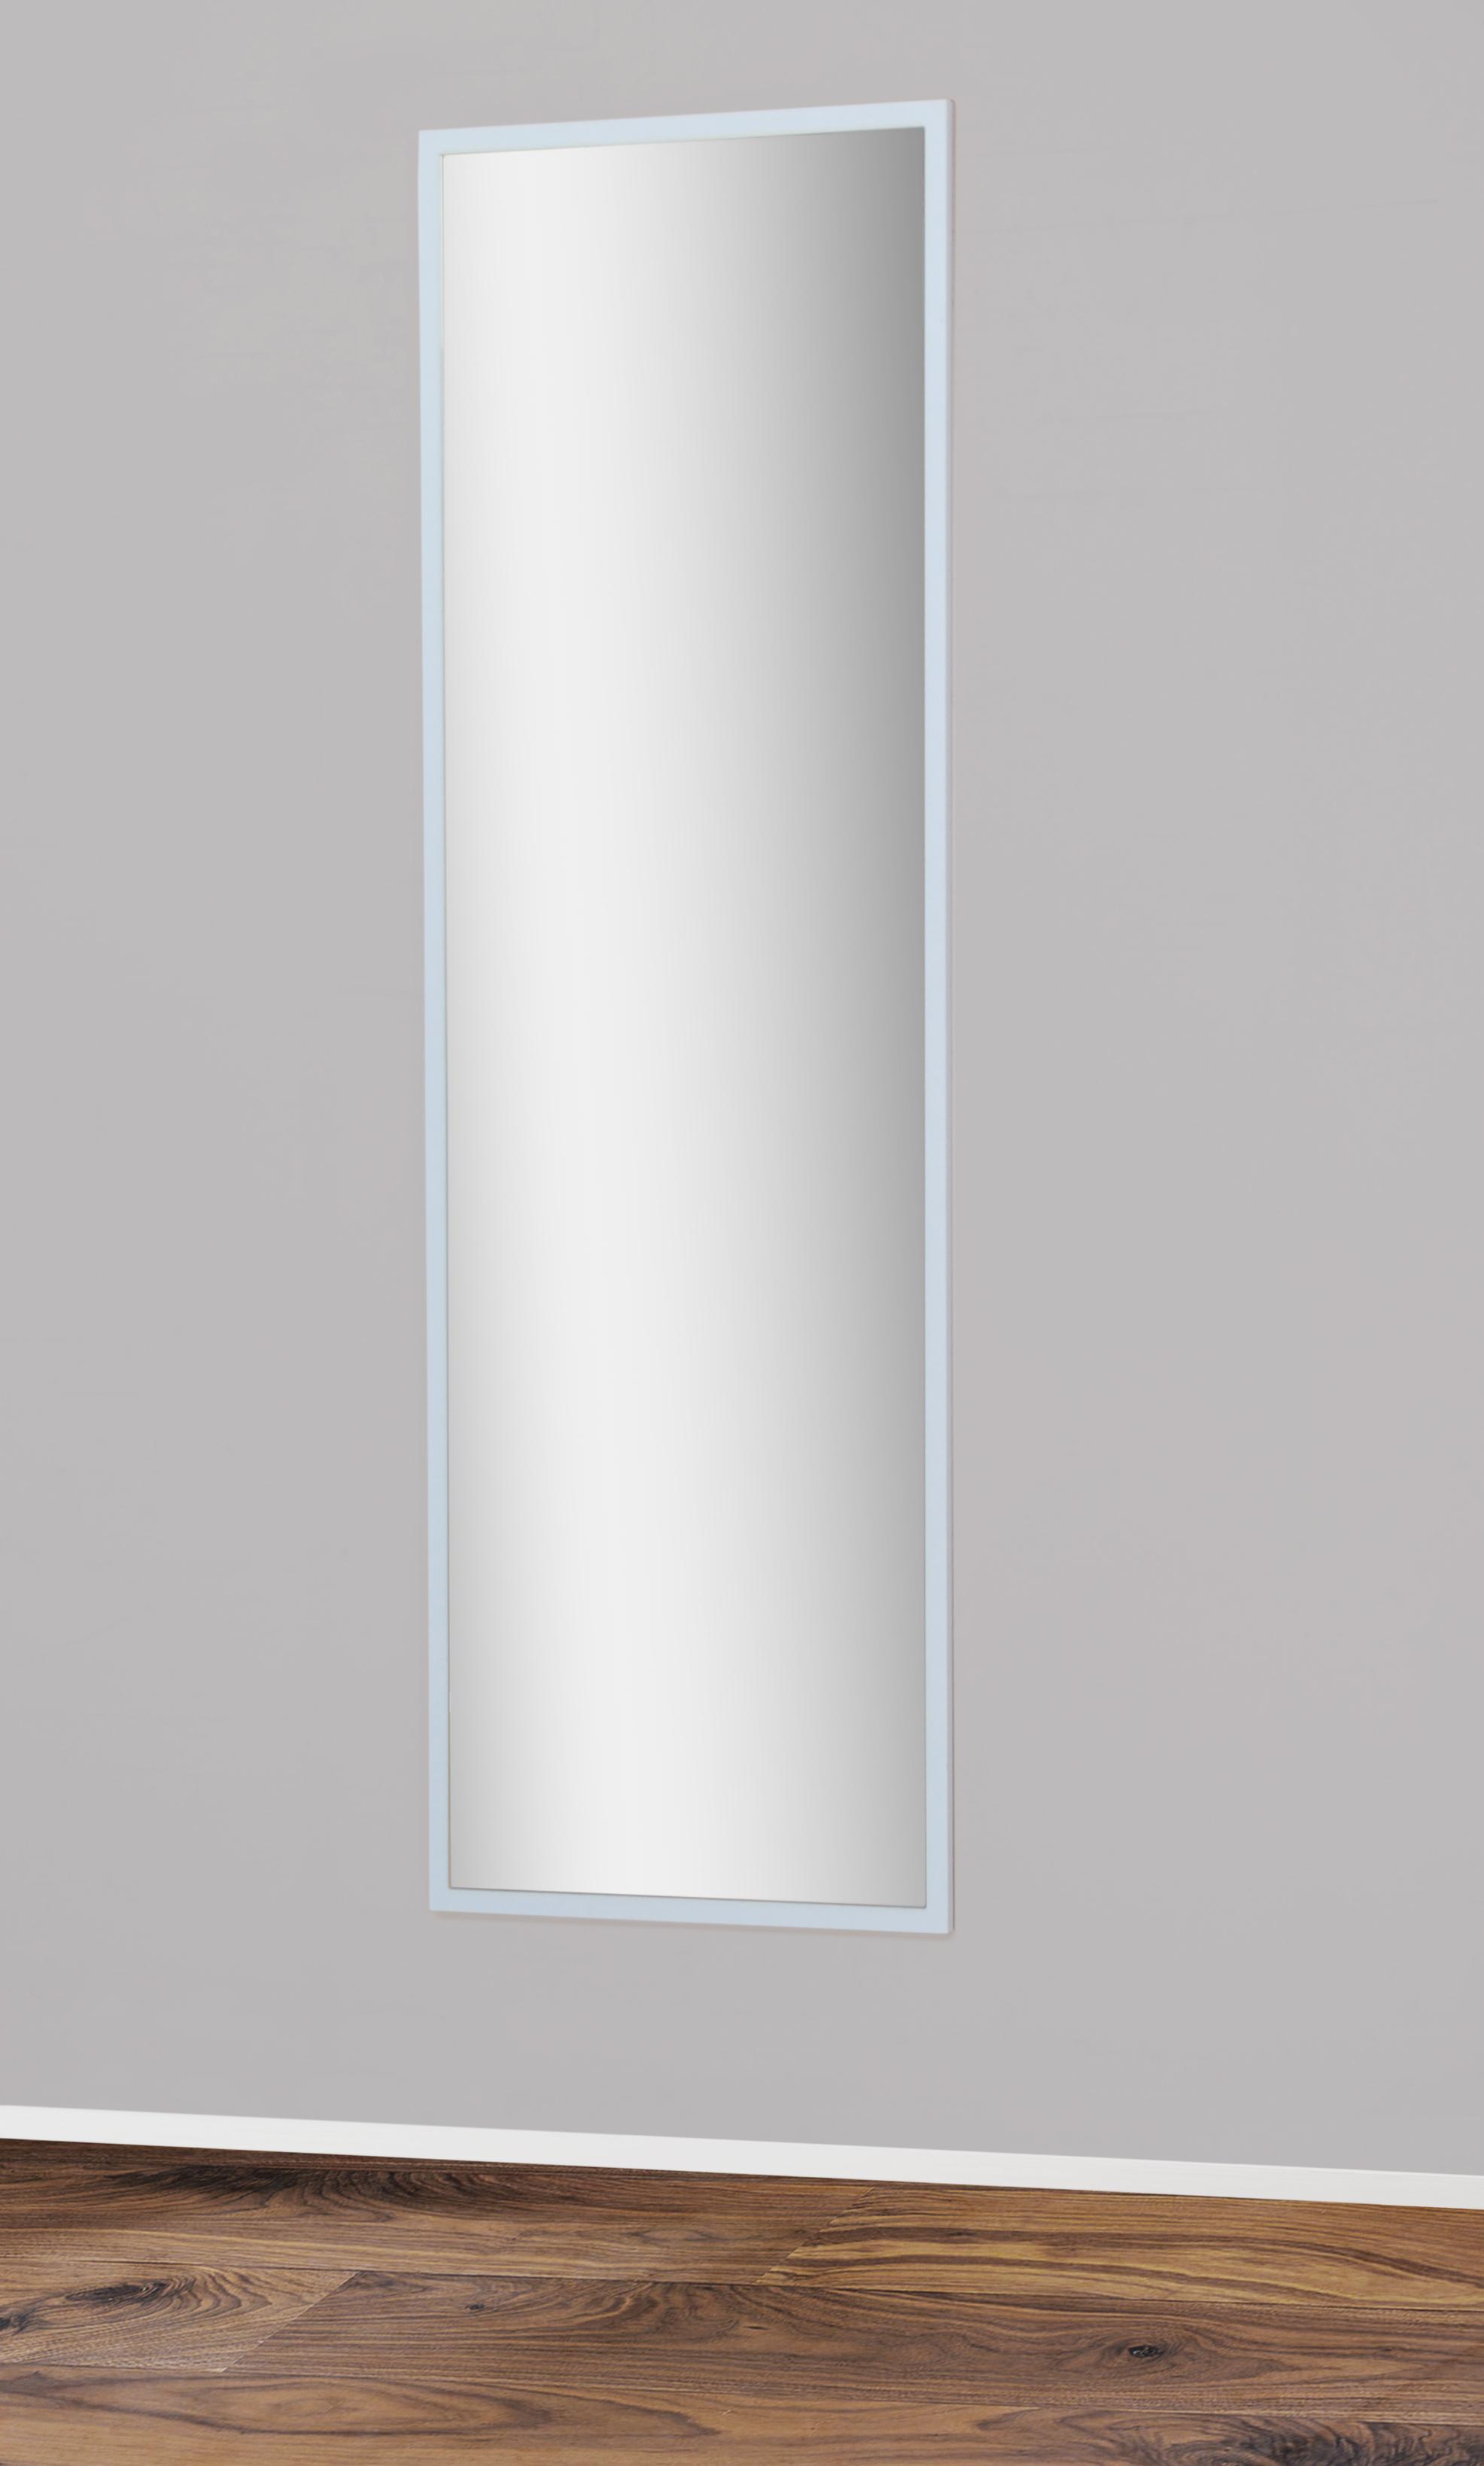 Wandspiegel - Einrichtungsgegenstände - einebinsenweisheit